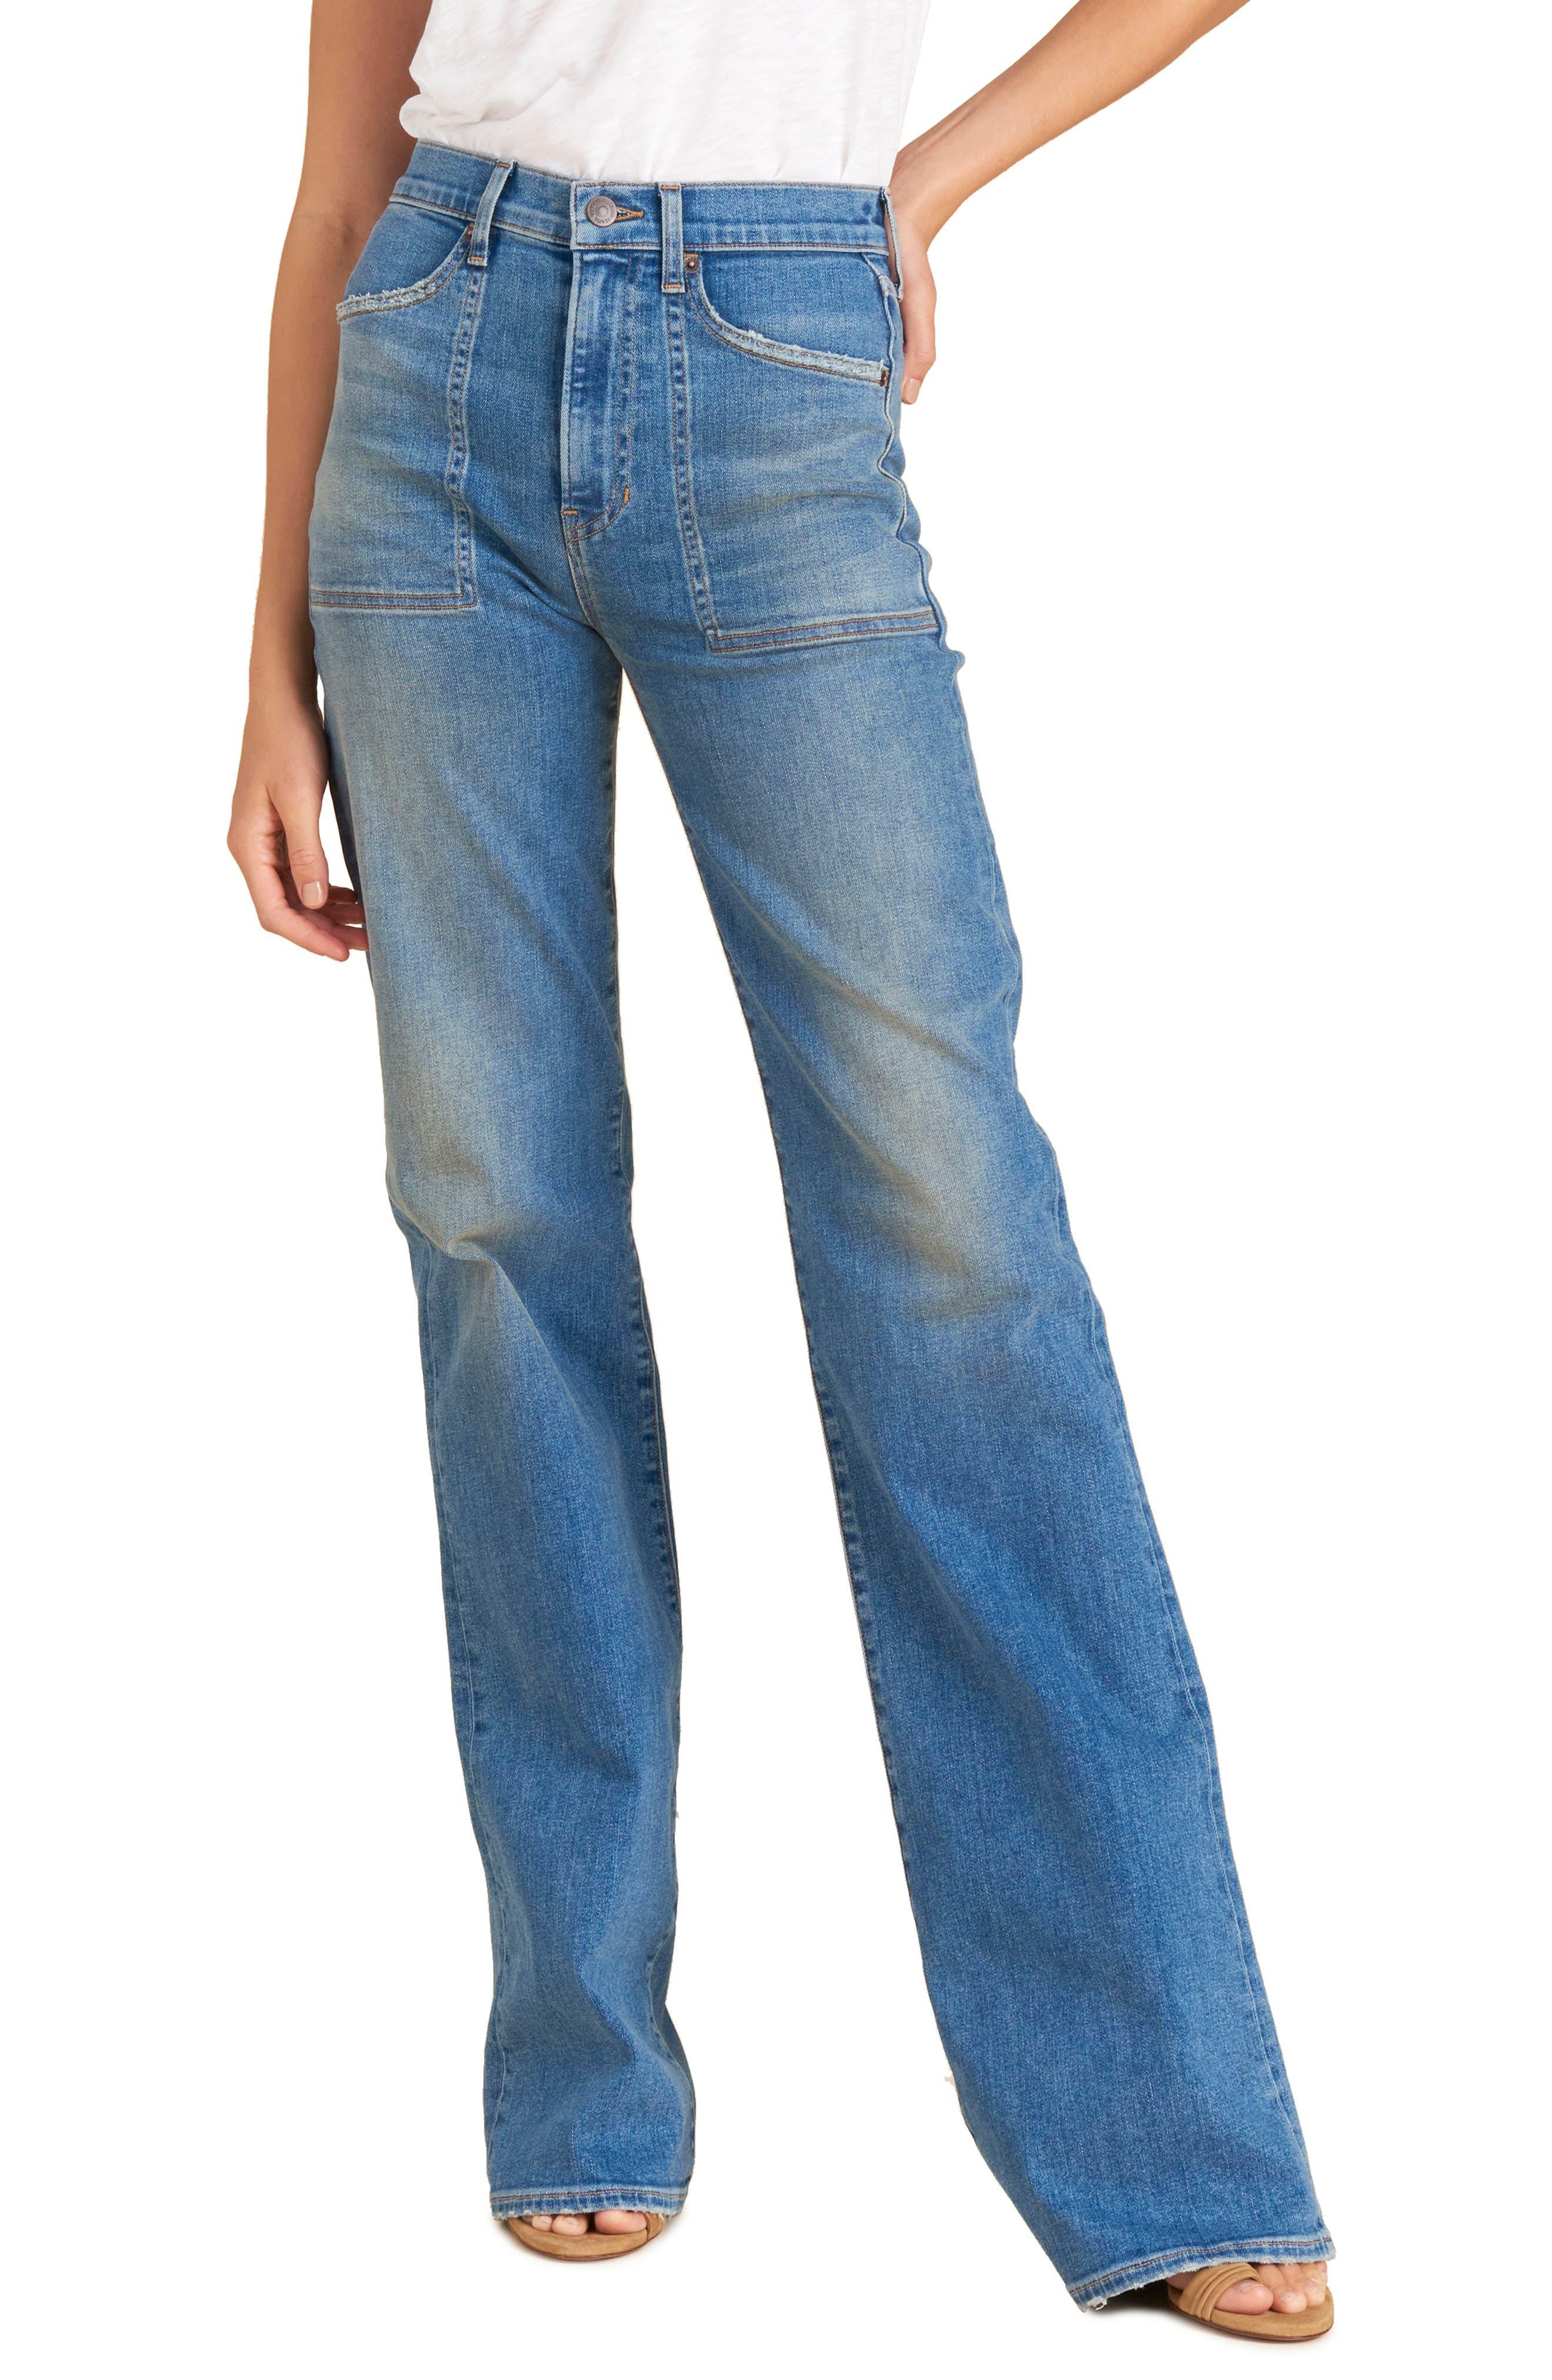 Women's Veronica Beard Crosbie High Waist Wide Leg Jeans